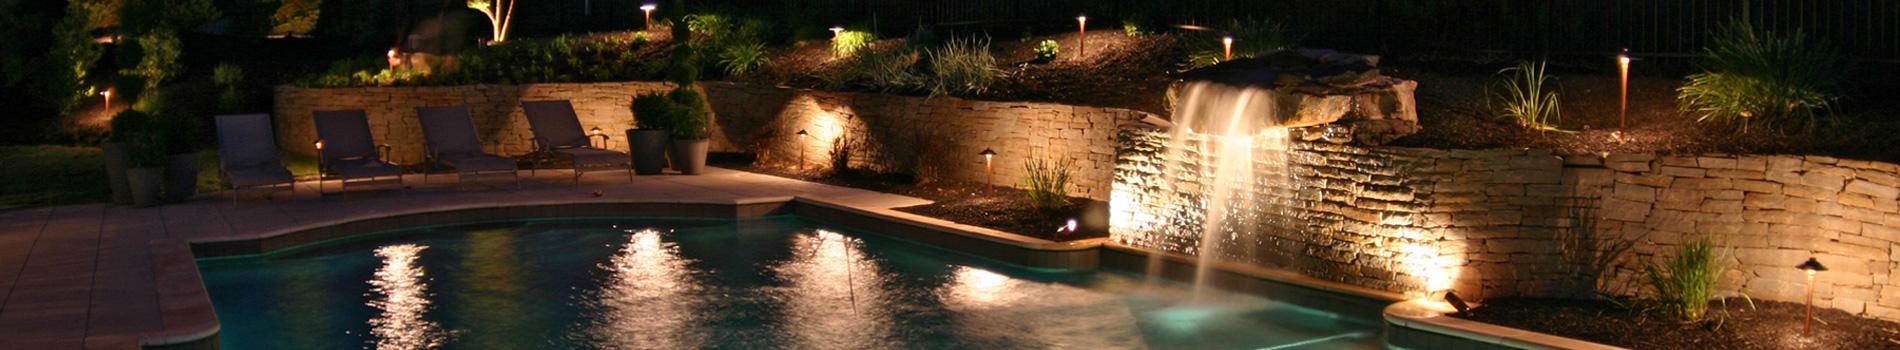 Luces para jardin luces para jardn w with luces para for Luces colgantes para jardin